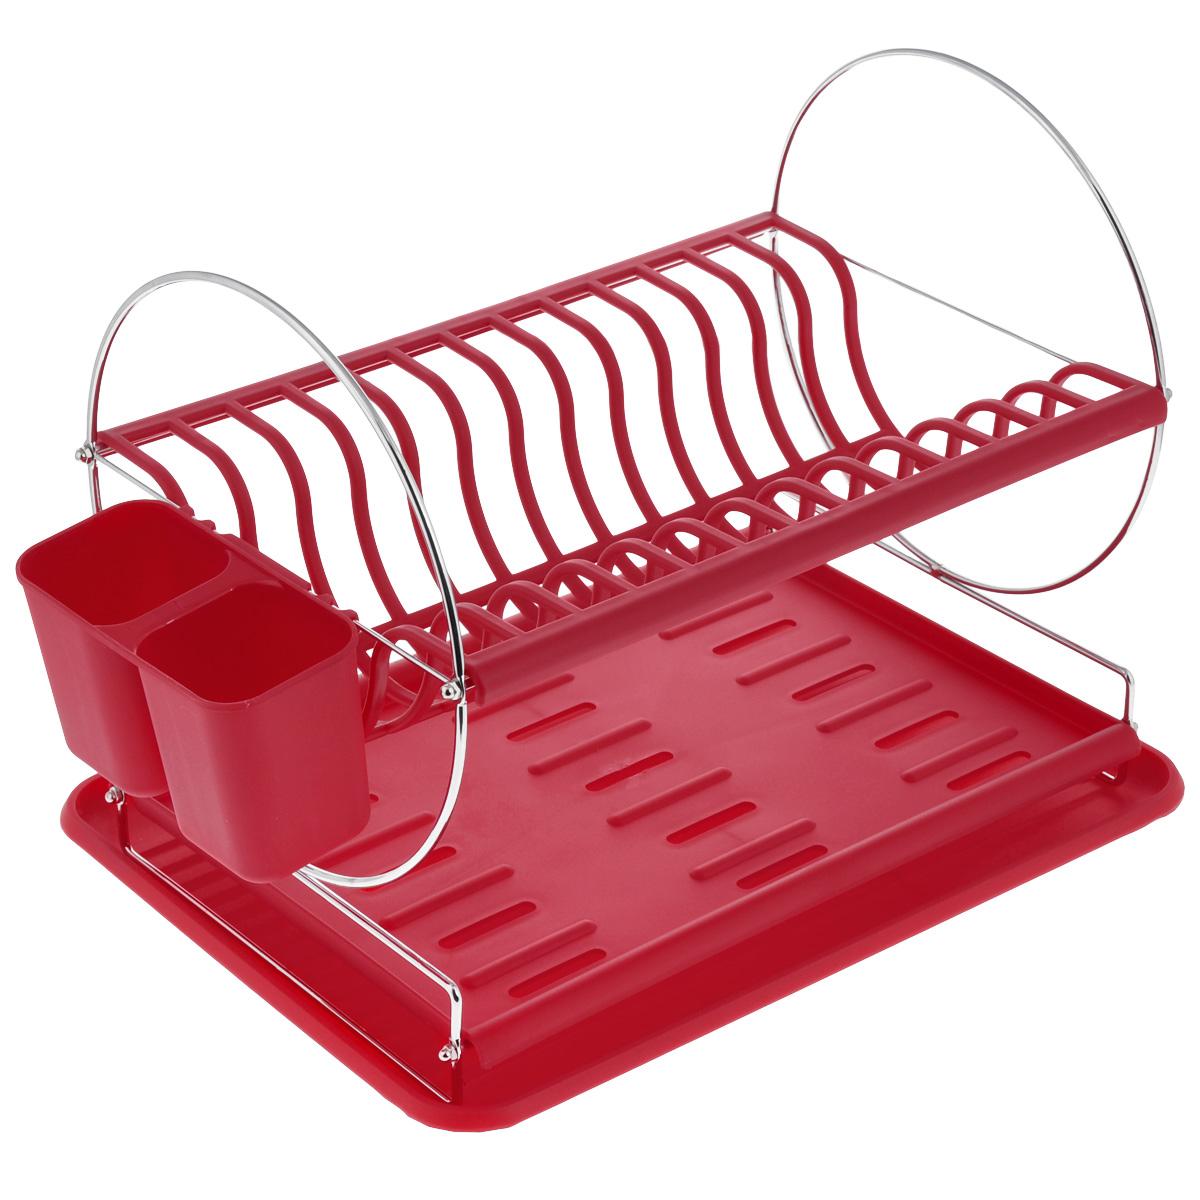 Сушилка для посуды Mayer & Boch, цвет: красный, 43 х 33 х 32,5 смVT-1520(SR)Сушилка для посуды Mayer & Boch отлично подходит для хранения кухонных принадлежностей и столовых приборов. Сушилка содержит подставку для тарелок, двойную подставку для столовых приборов и место для кружек и мисок. Изделие выполнено из высококачественного полипропилена и хромированного металла. Поддон для воды поможет сохранить кухню в чистоте. Элегантный, цветной дизайн прекрасно сочетается с интерьером любой кухни.